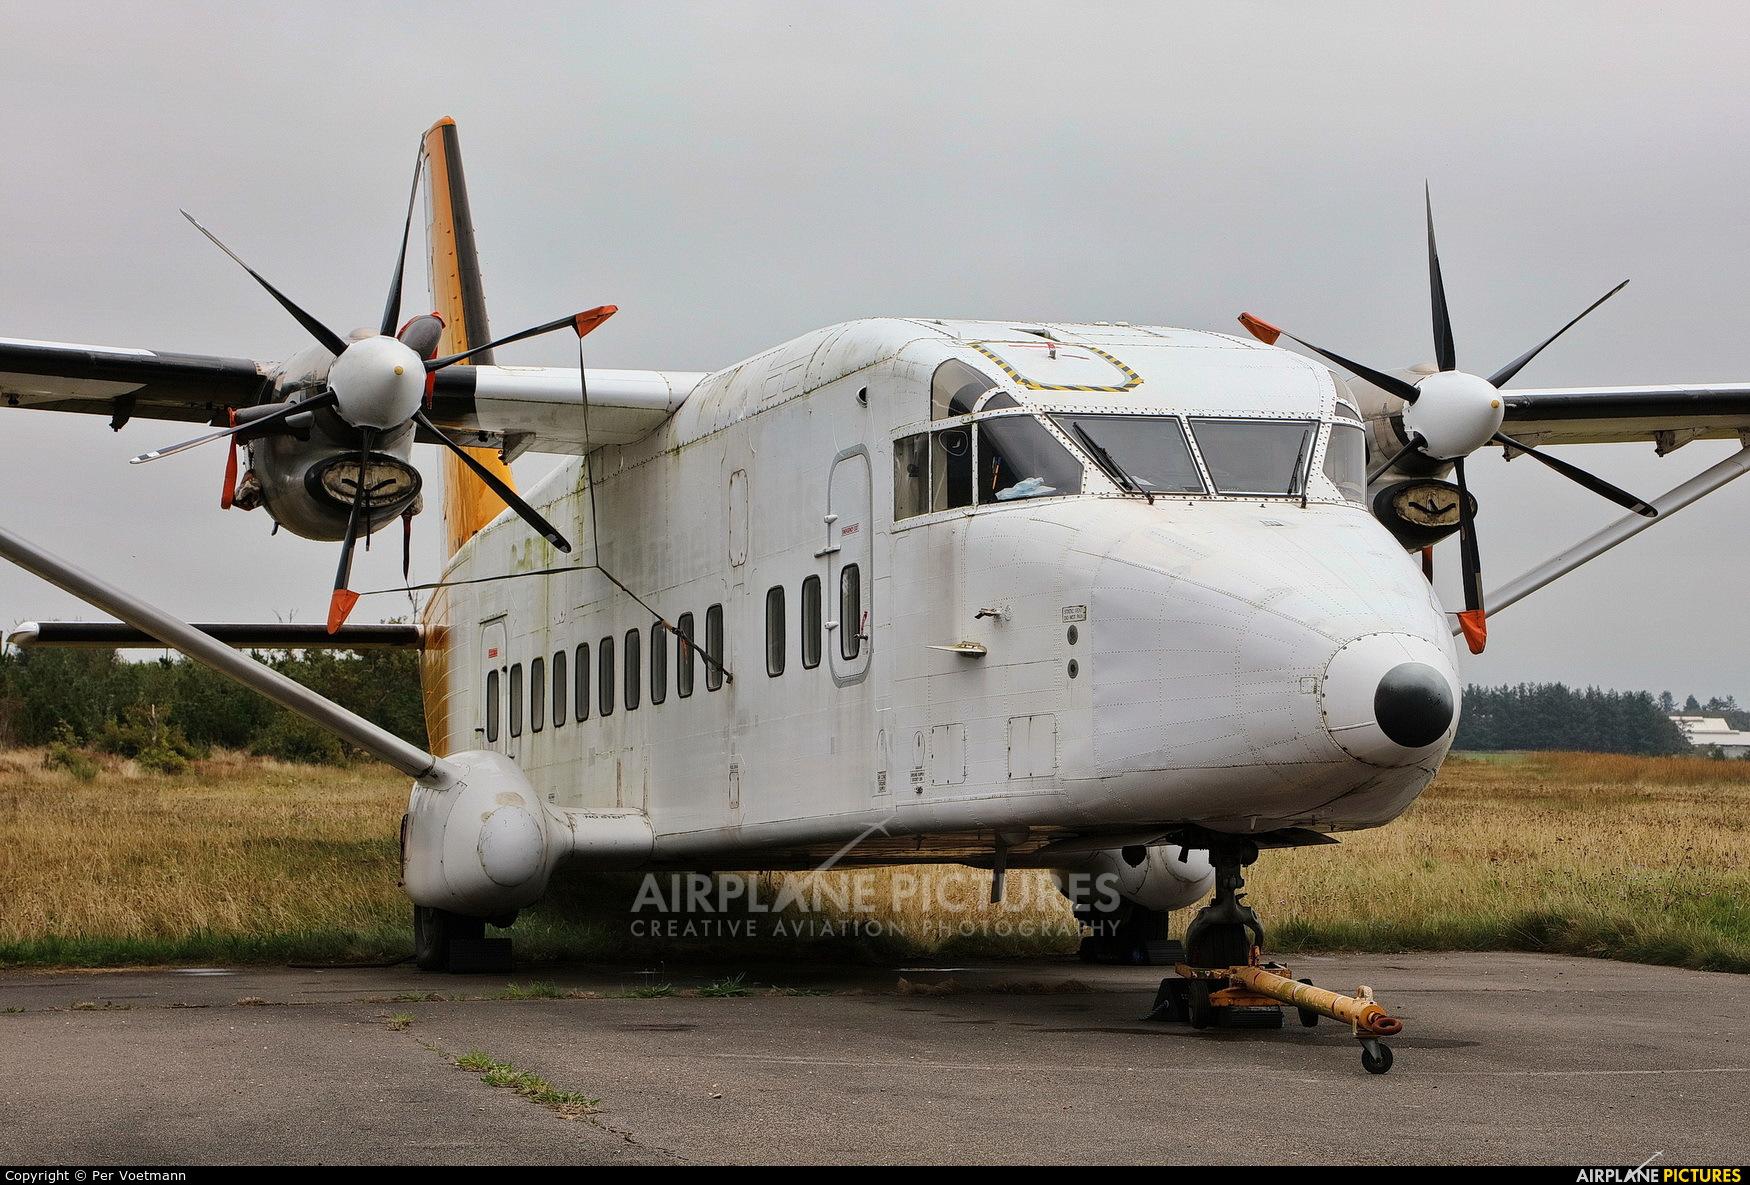 Benair OY-PBV aircraft at Stauning